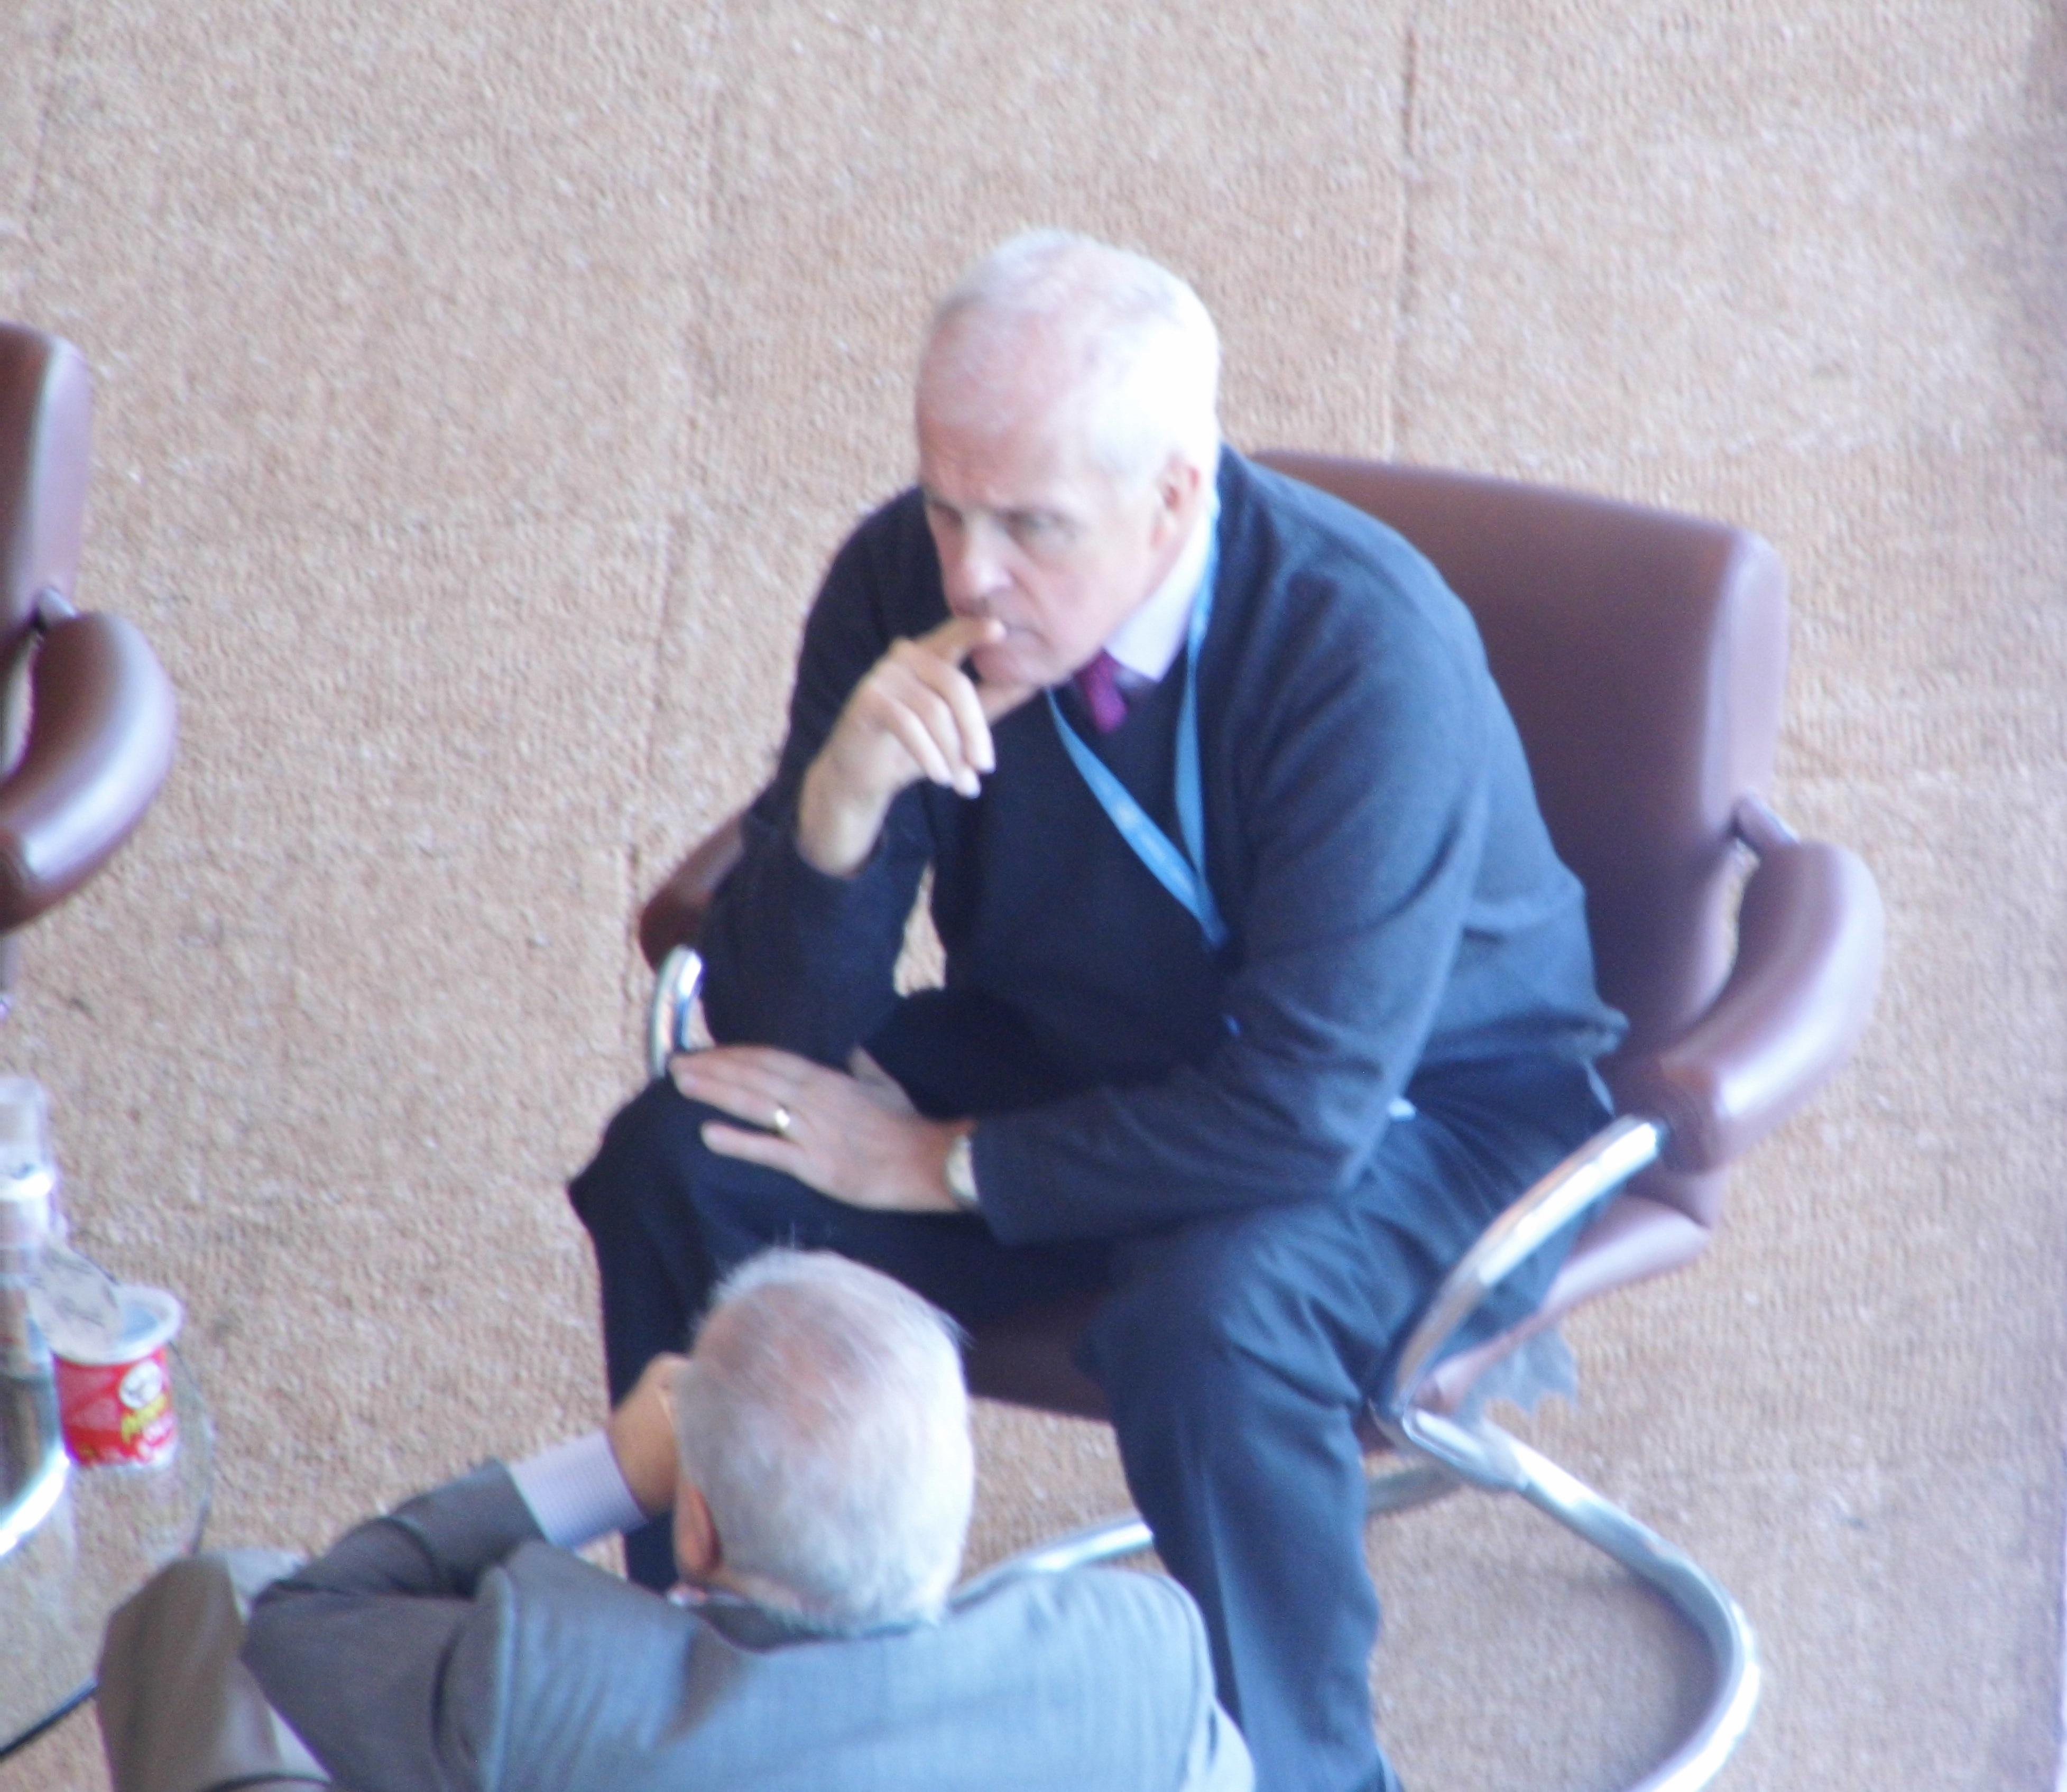 Michael Parmly y Elizardo Sánchez en el Palacio de las Naciones en Ginebra. ¿El cubano estaba recibiendo instrucciones?